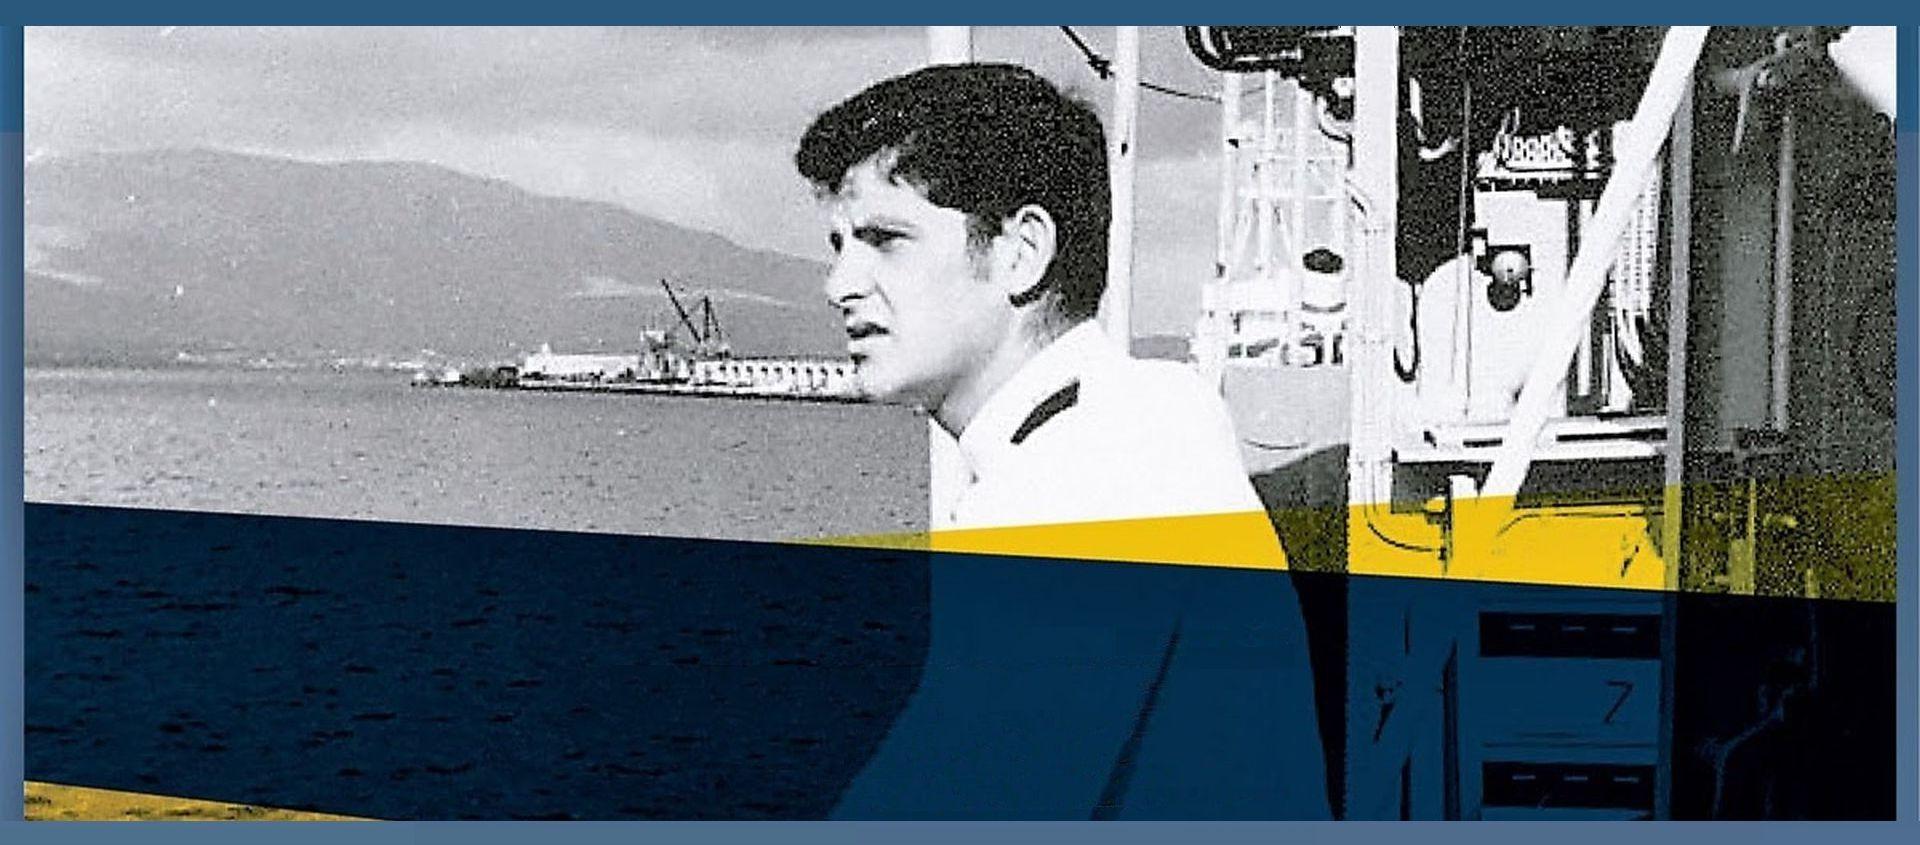 Traços de vida de um oficial da Marinha – Raízes de um fio condutor